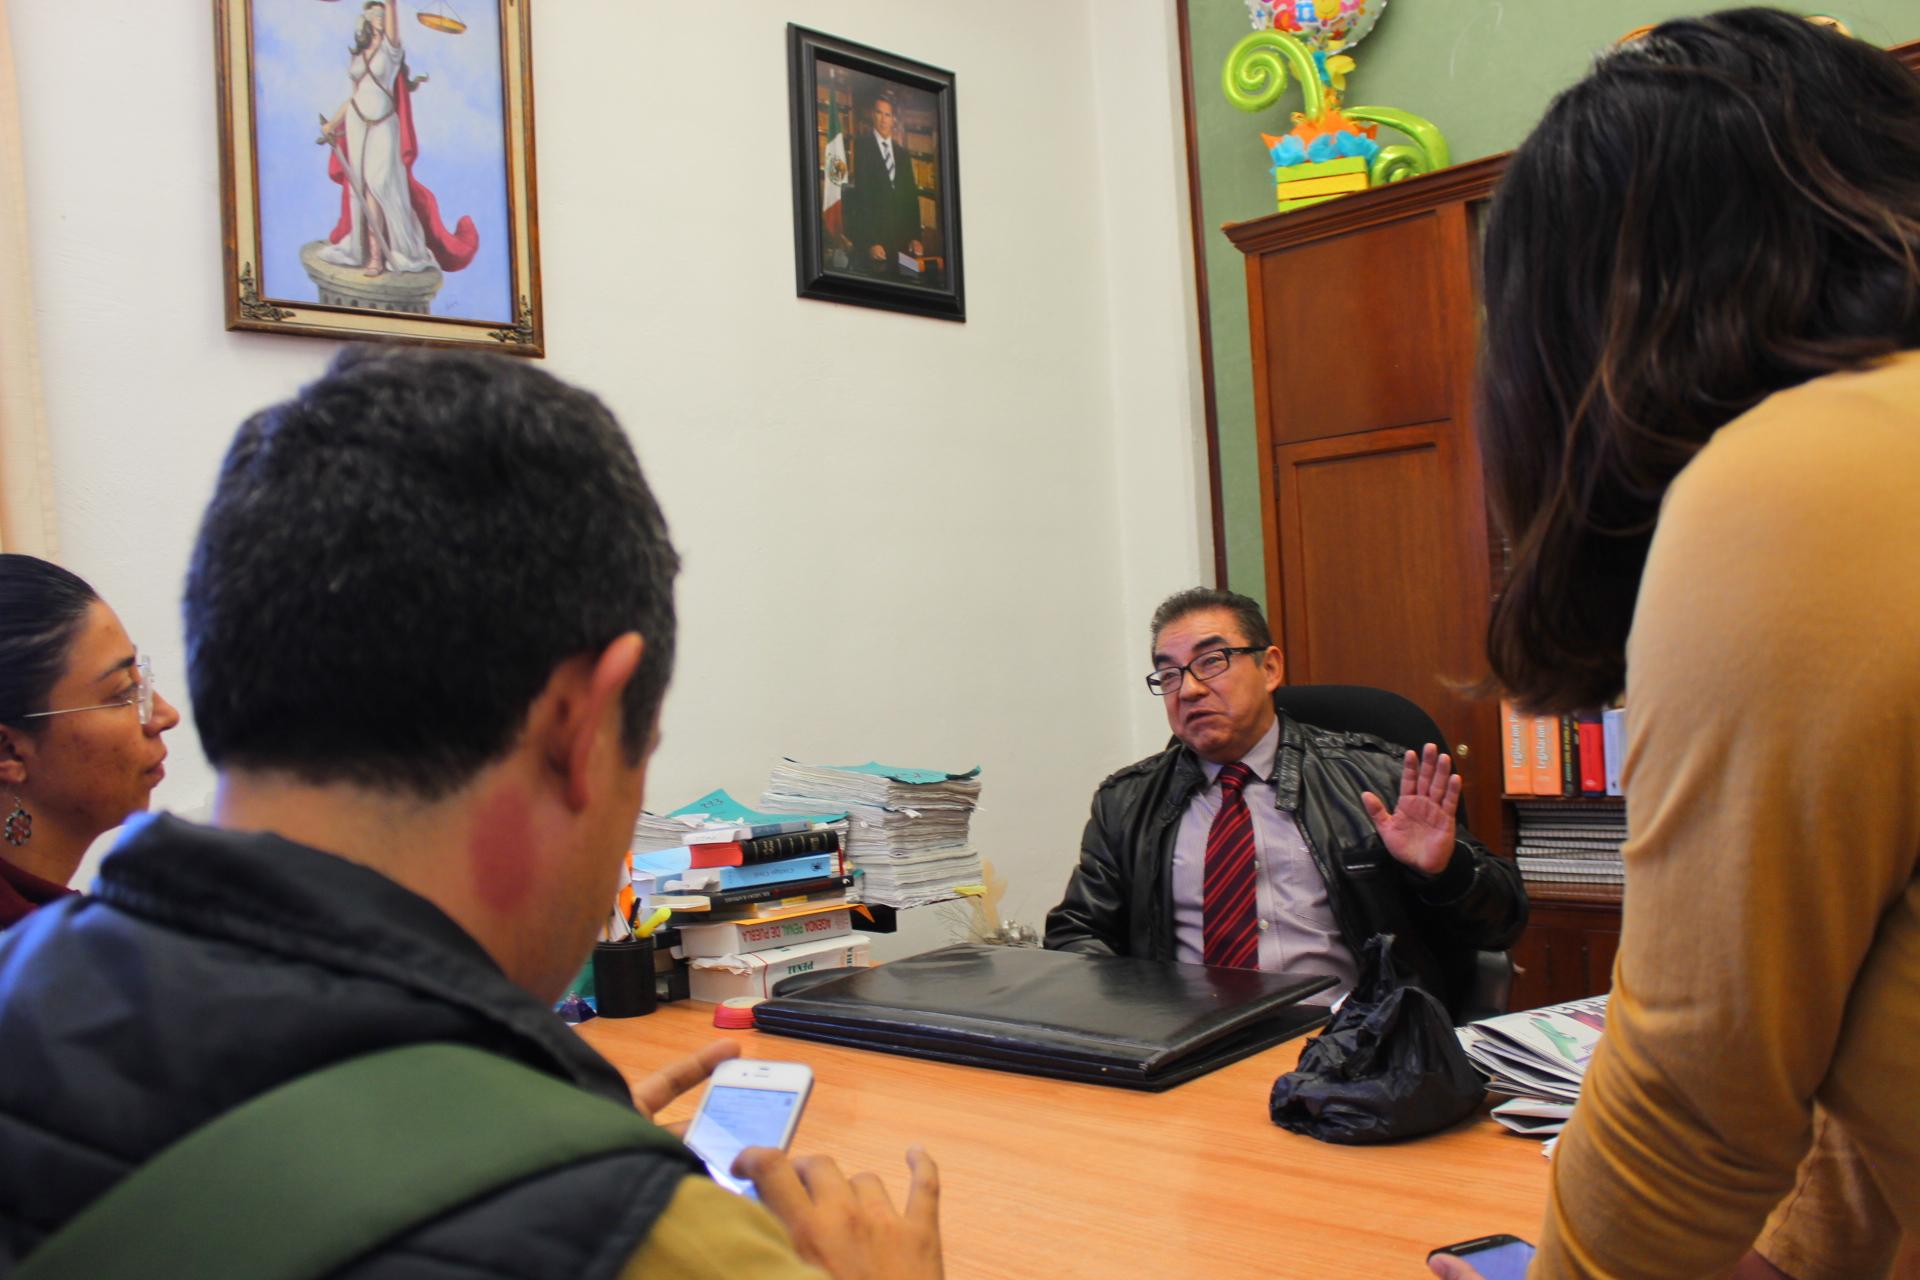 Alejandro León Flores, Juez Penal de Cholula